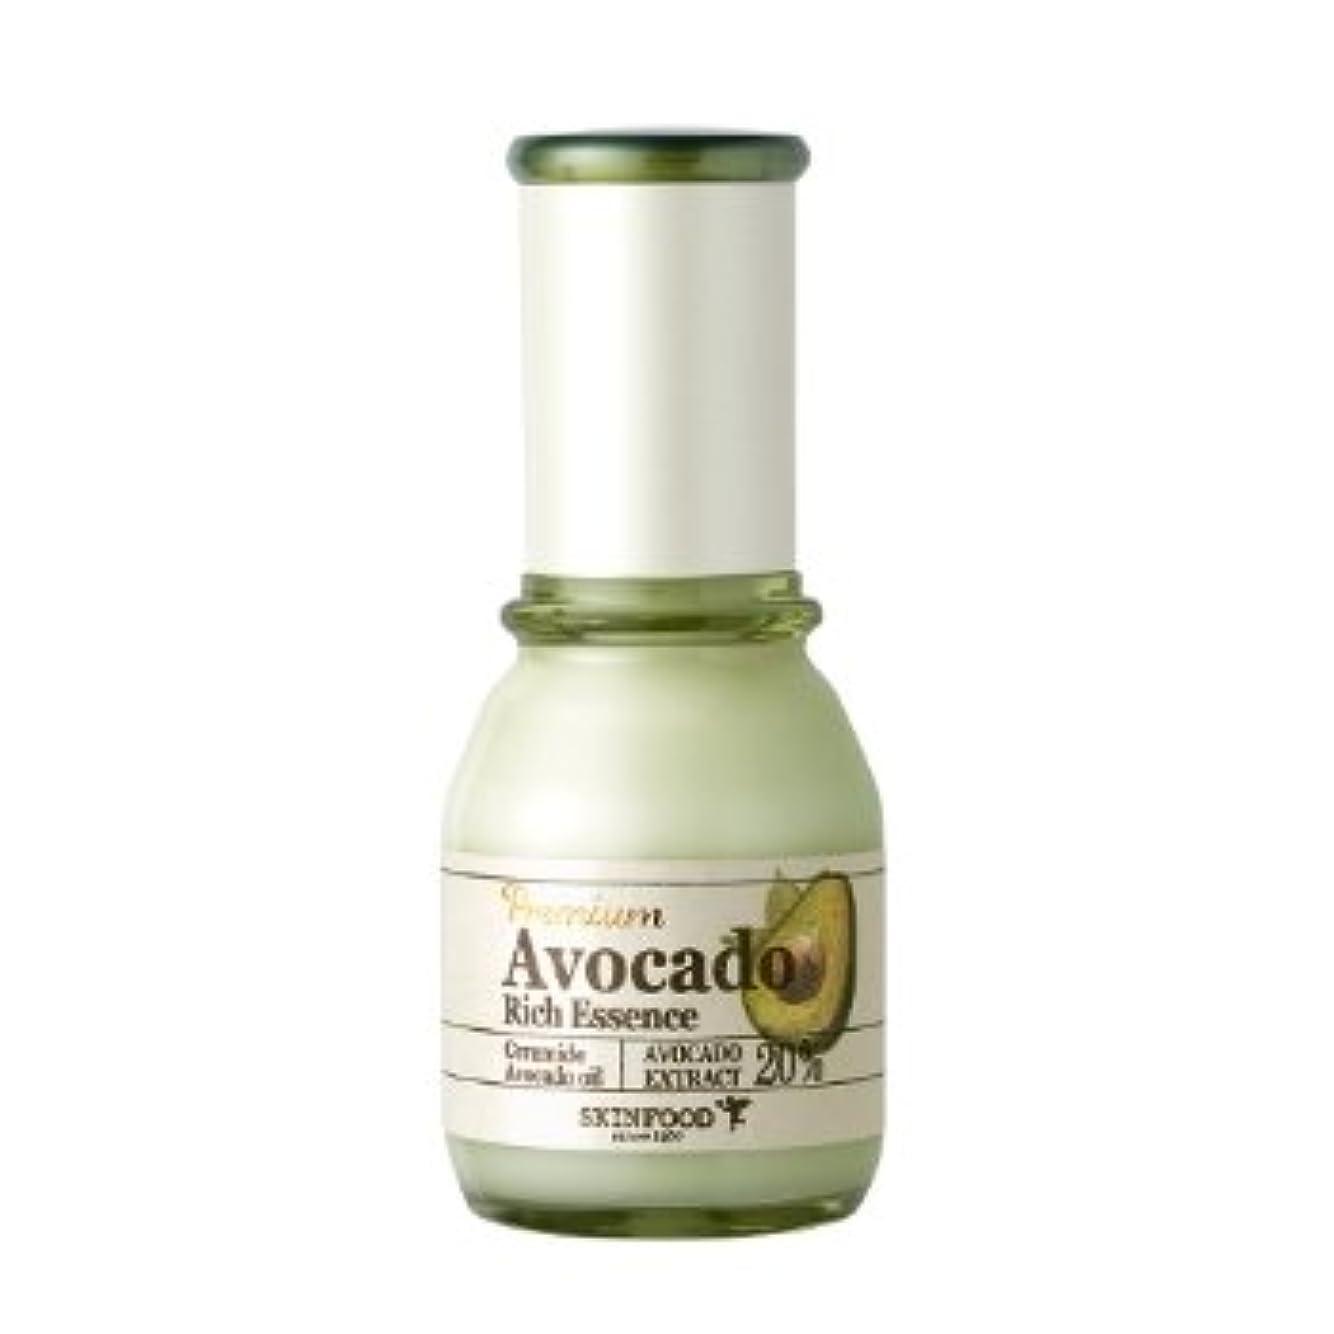 不名誉食べるどうやらスキンフード [Skin Food] プレミアム アボカド リーチ エッセンス 50ml / Premium Avocado Rich Essence 海外直送品